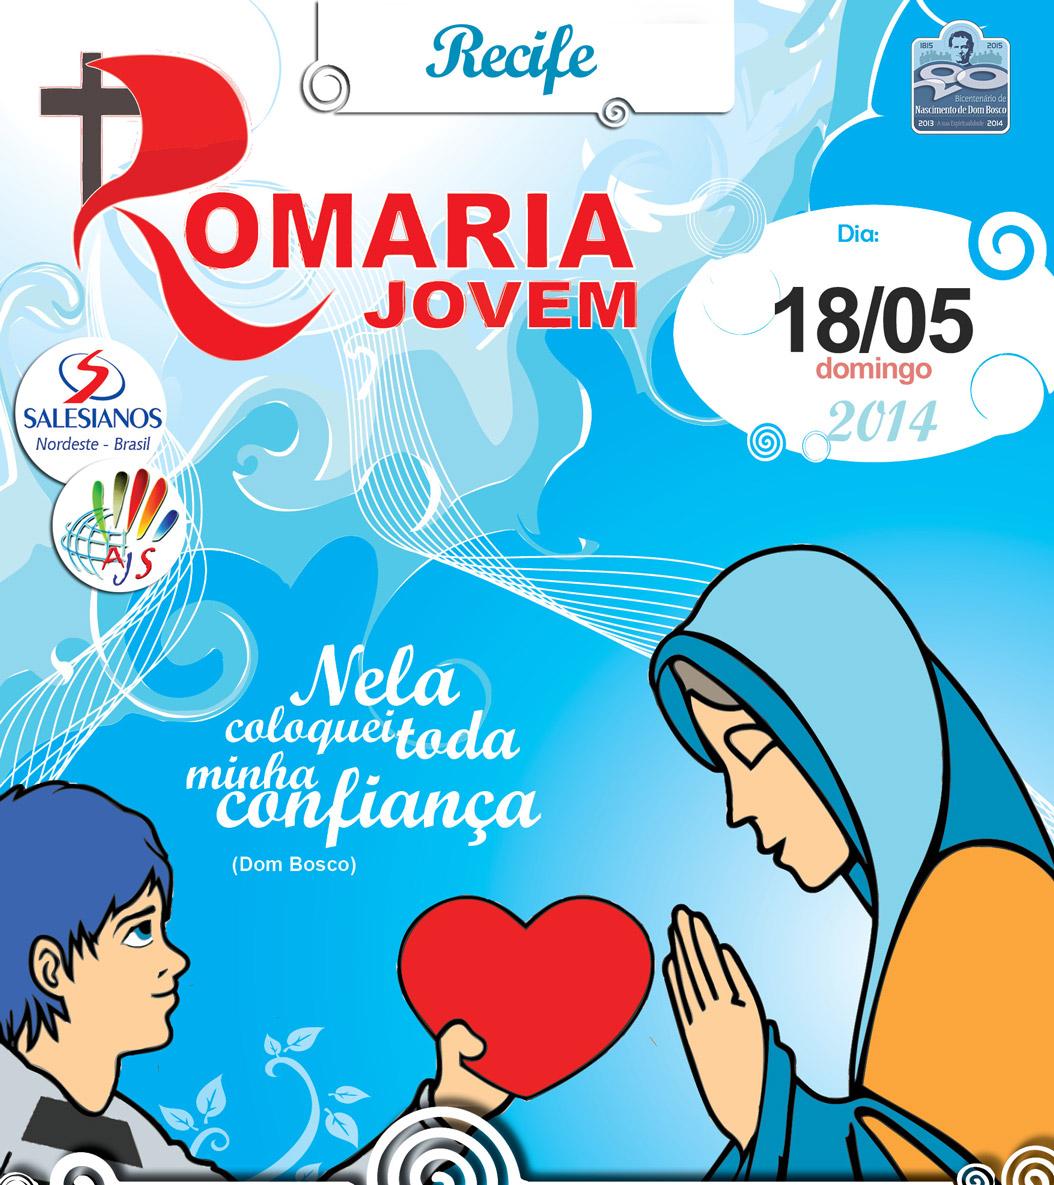 Juventude salesiana celebra mês de Maria com romaria no nordeste